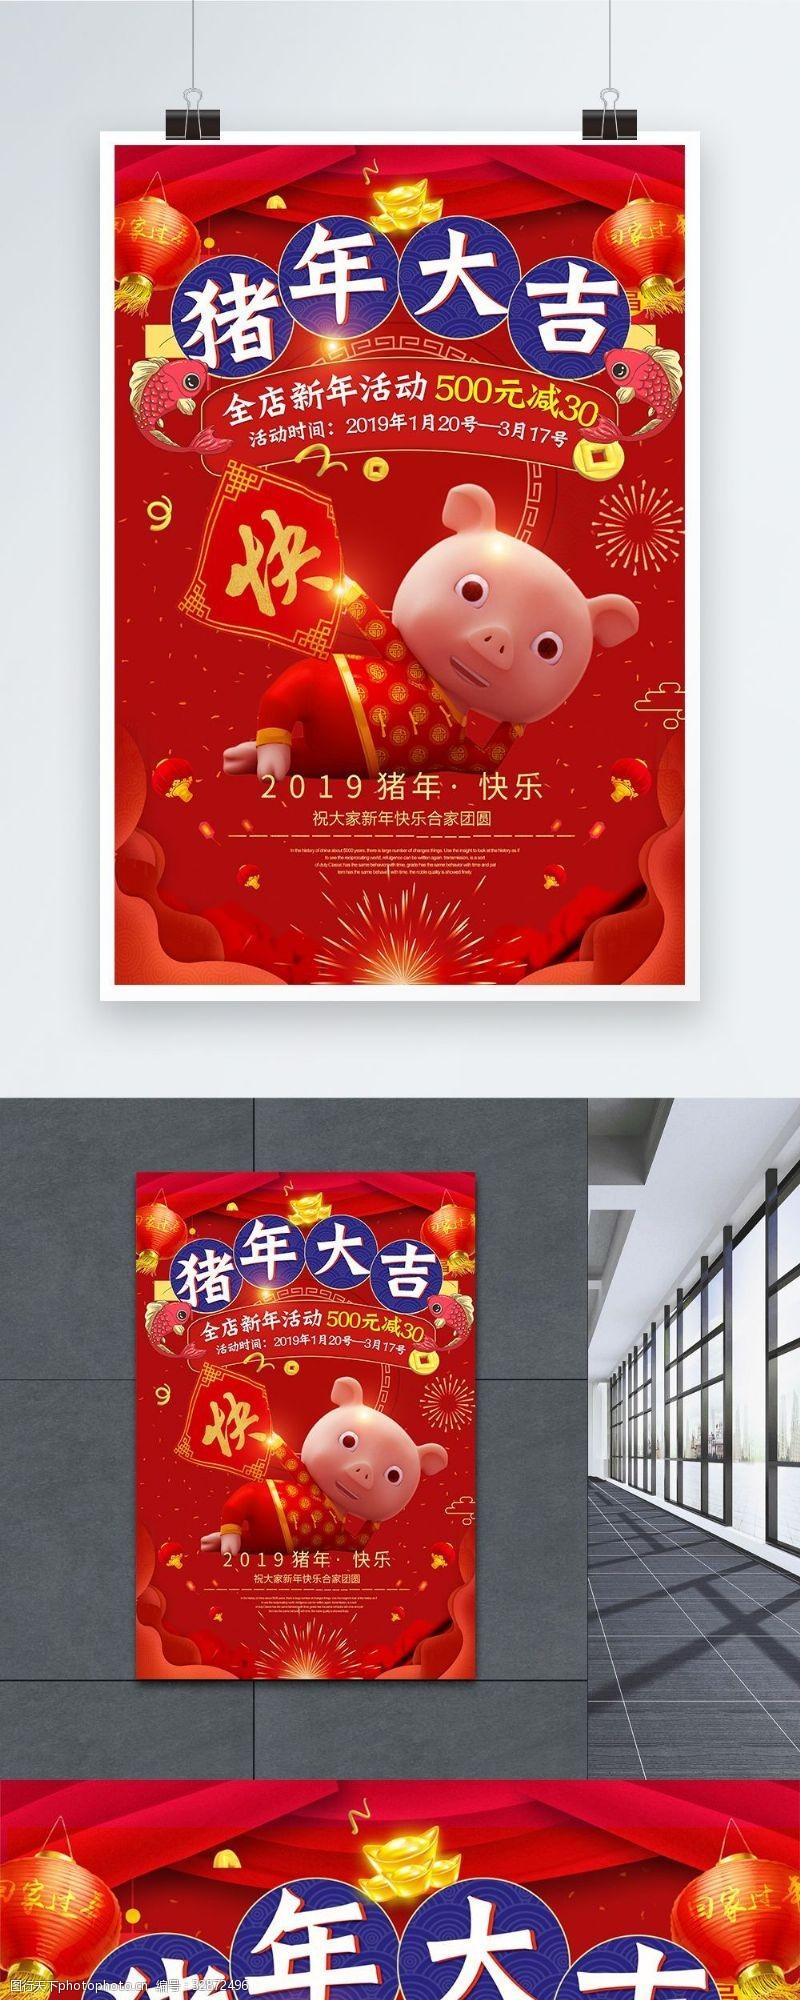 豬年大吉新年促銷年貨海報